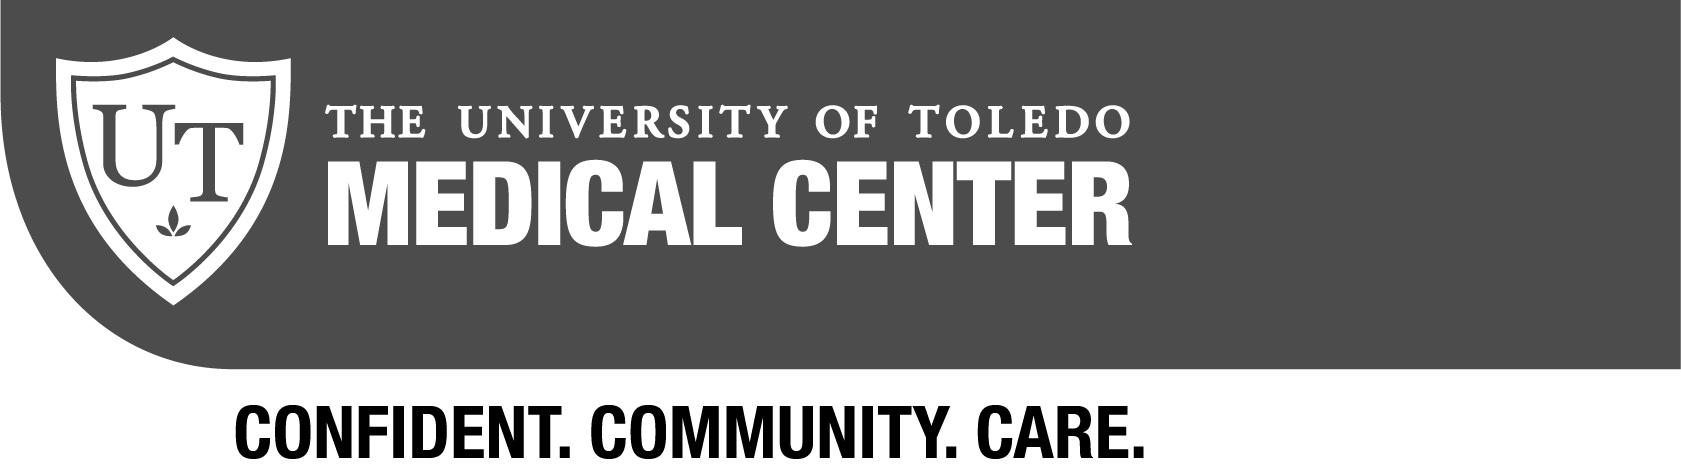 Ut Medical Center Logo Bw